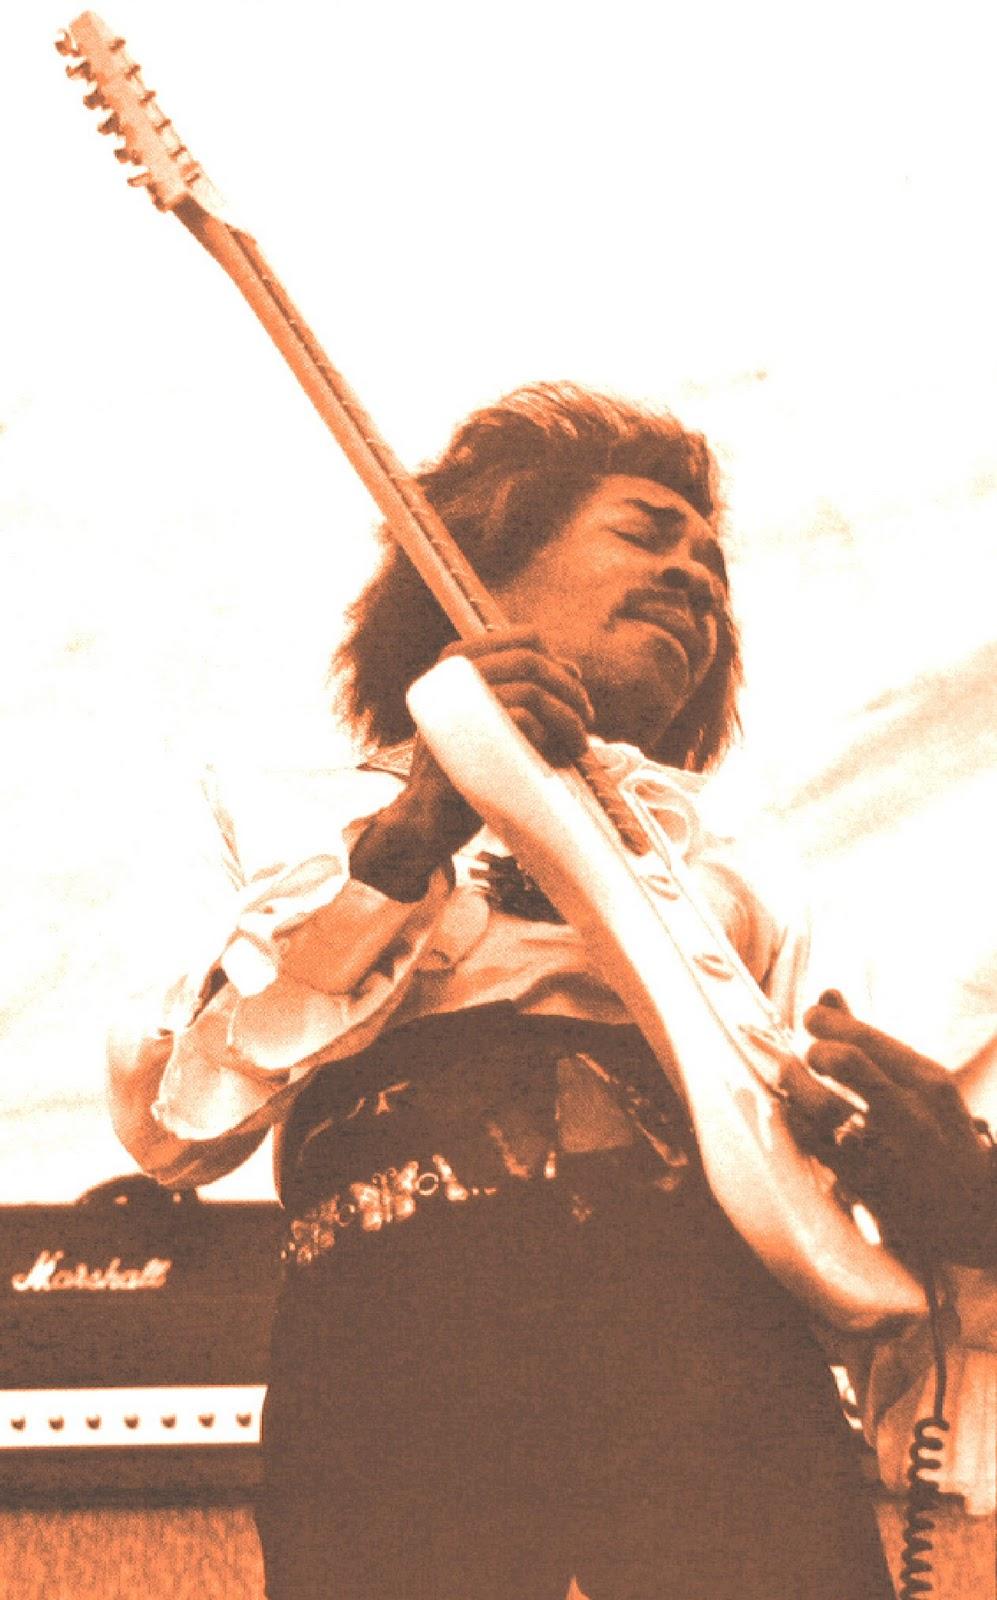 Miami (Miami Pop Festival) : 18 mai 1968 [Premier concert] E3851f14641642d55a5d632fa85288e8